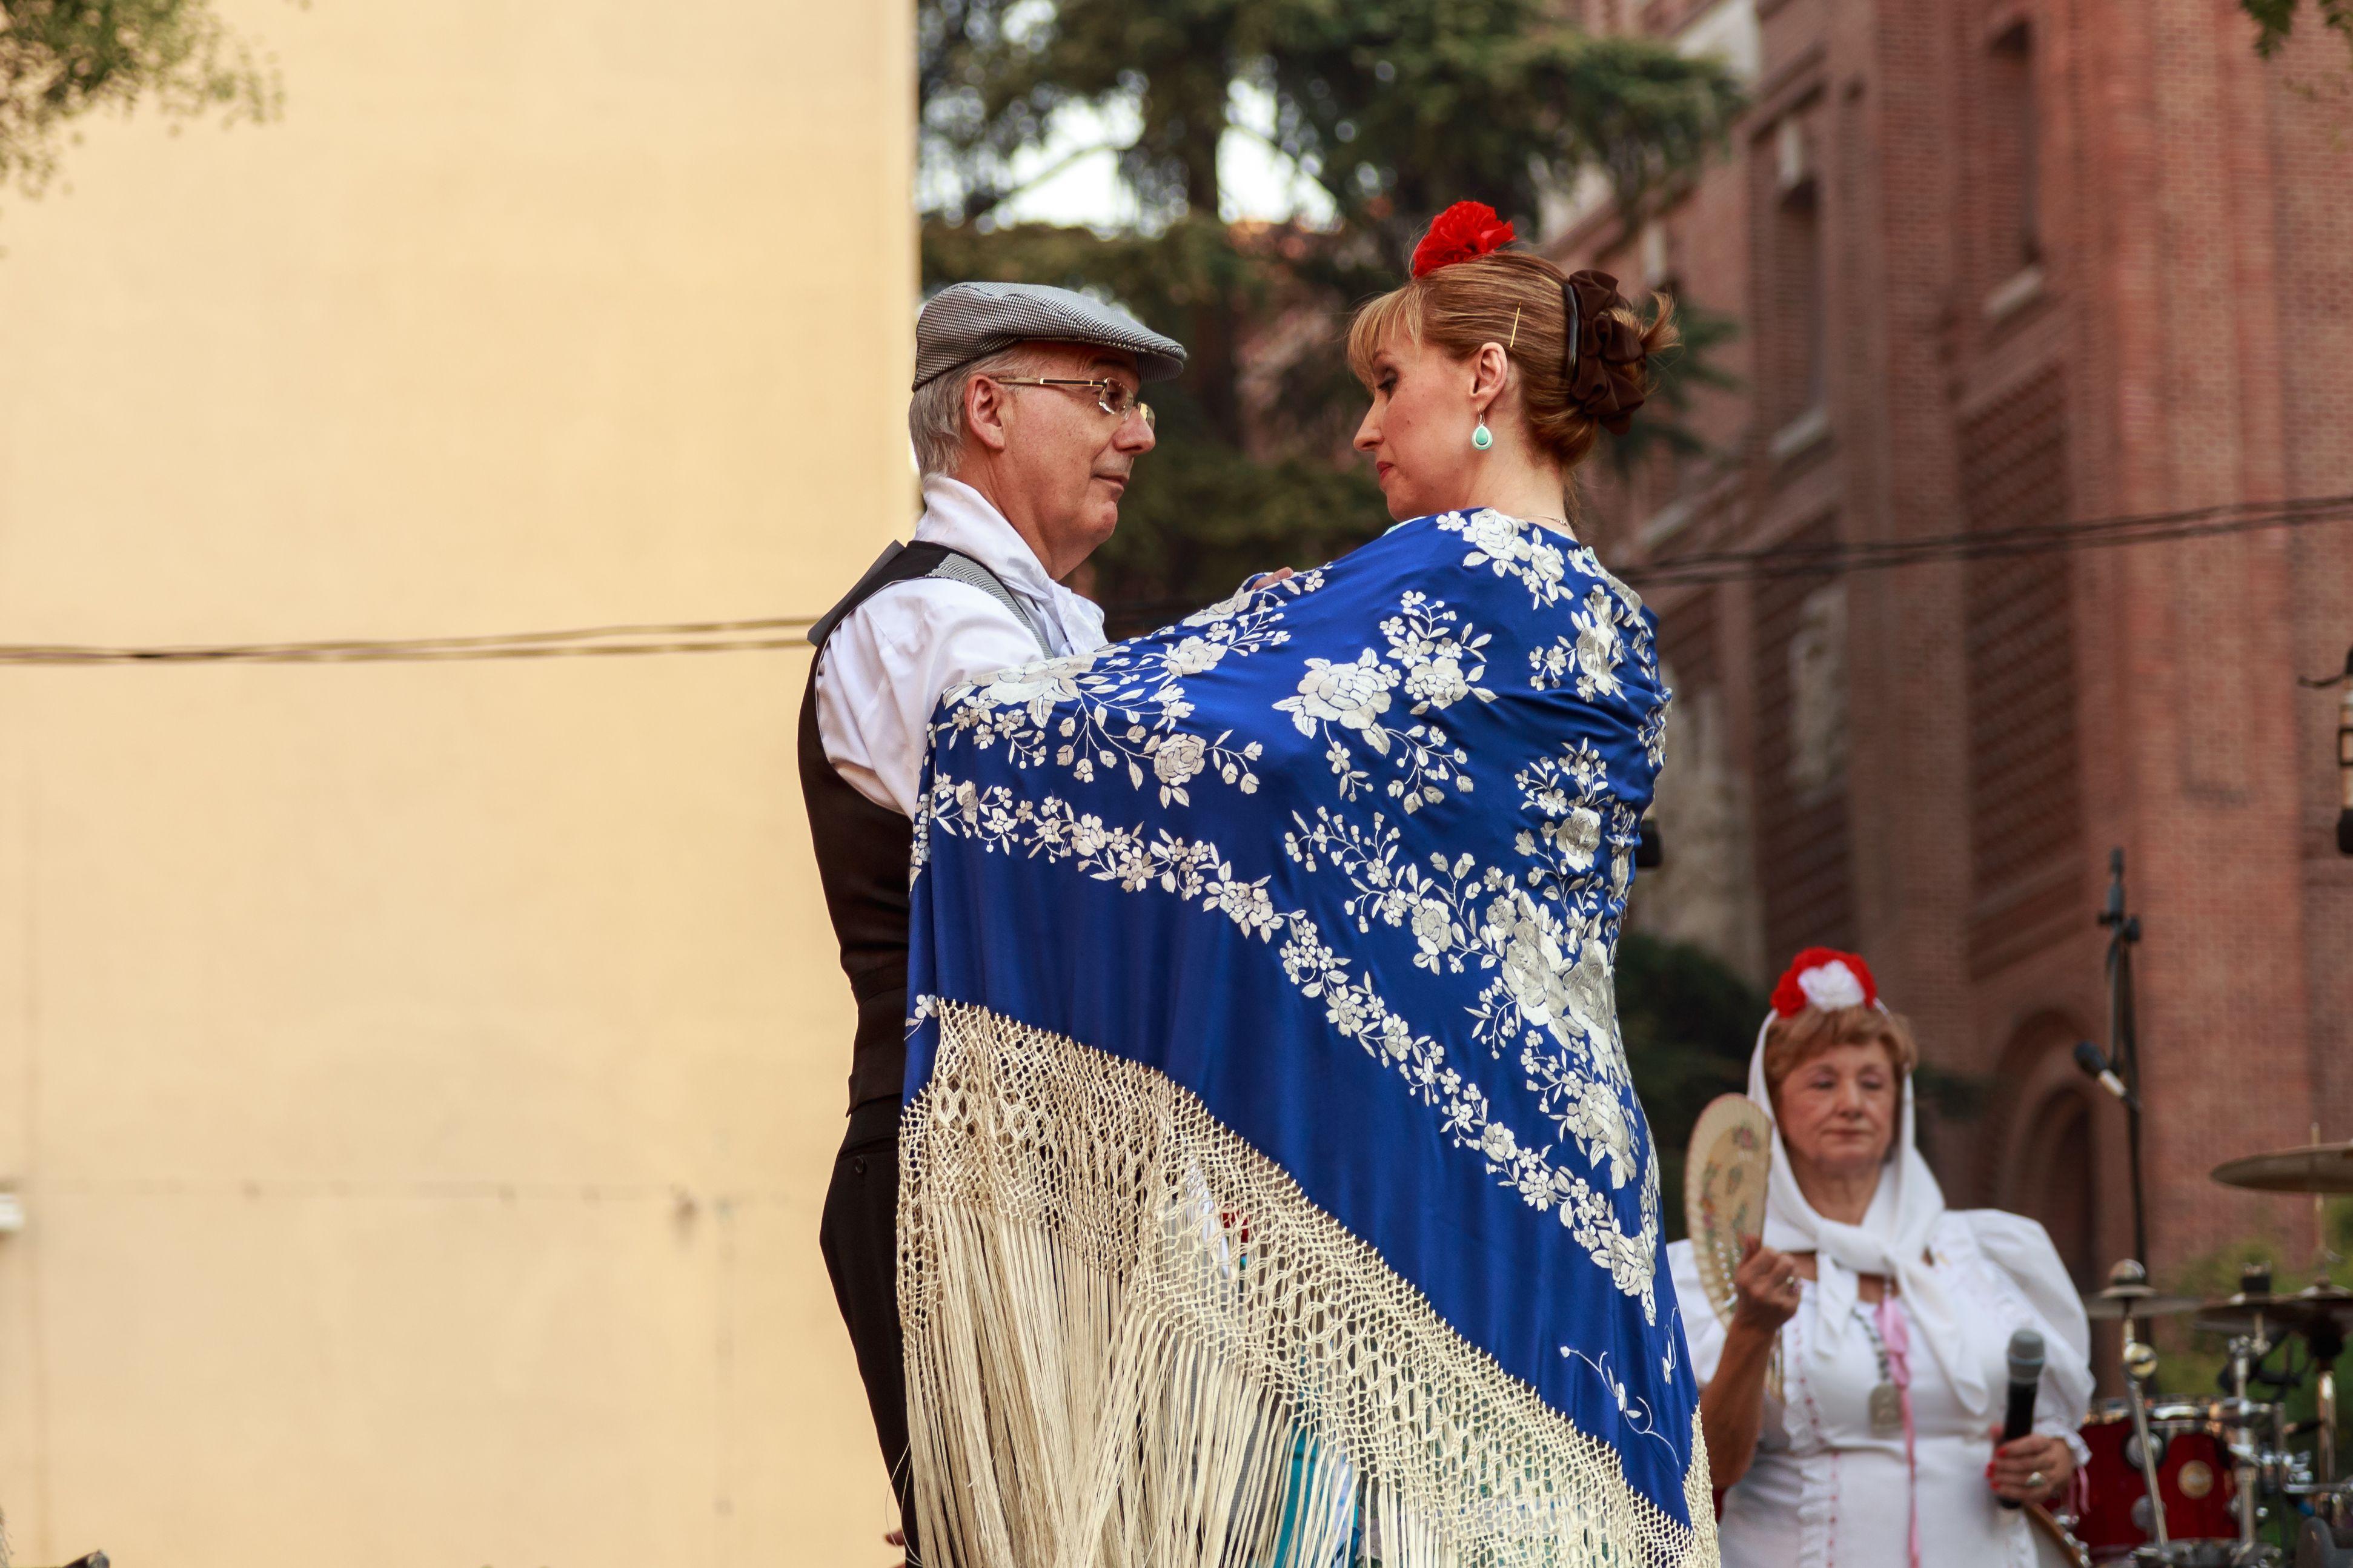 El chotis es el baile más típico de Madrid y con el que se celebran las Fiestas de la Paloma.